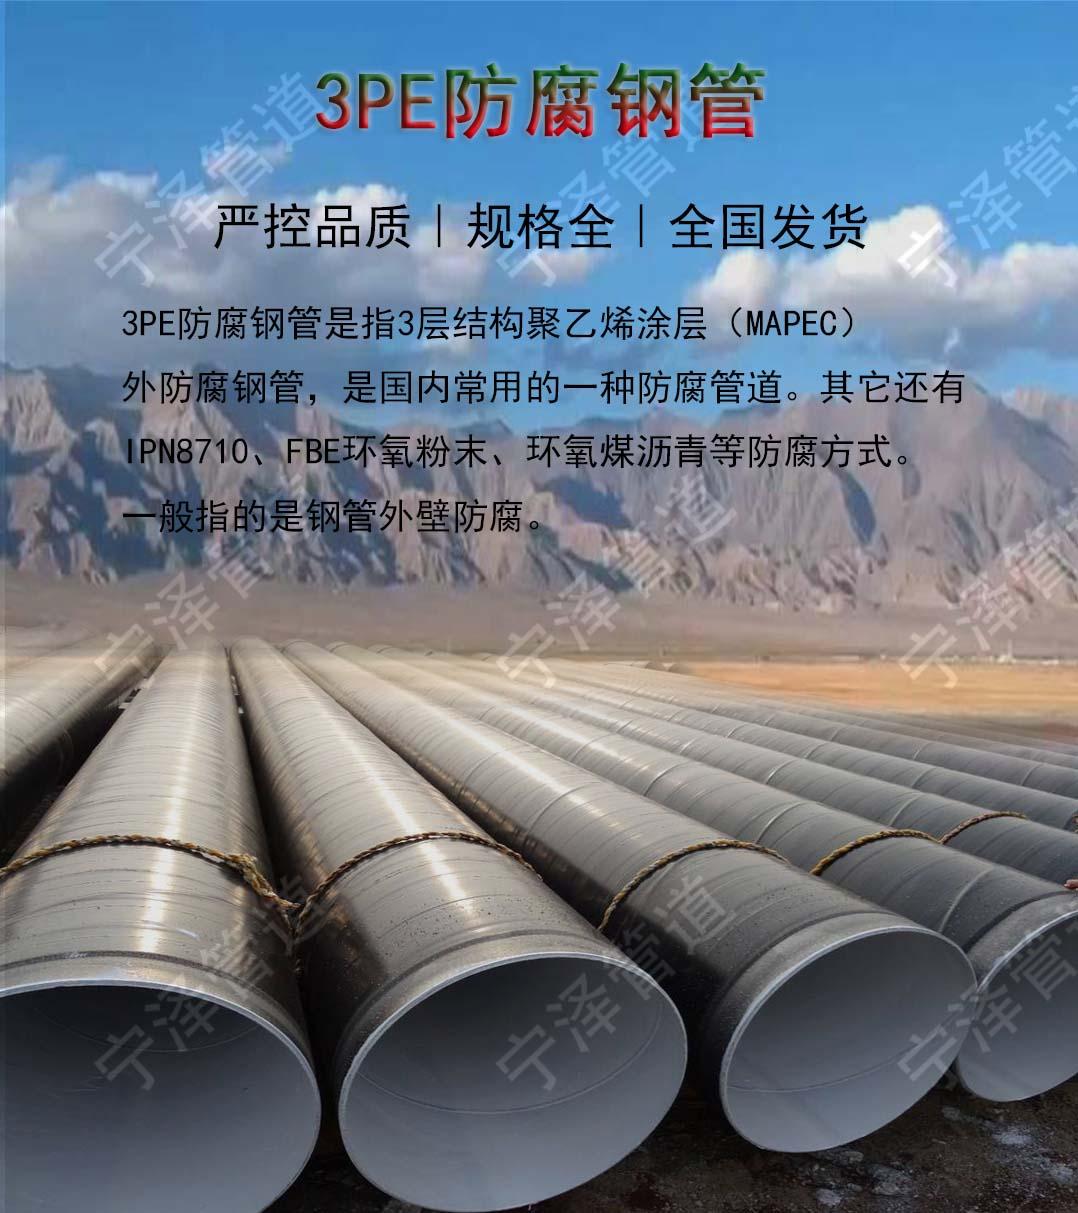 辽宁省金普新区供排水用螺旋钢管的用途信息